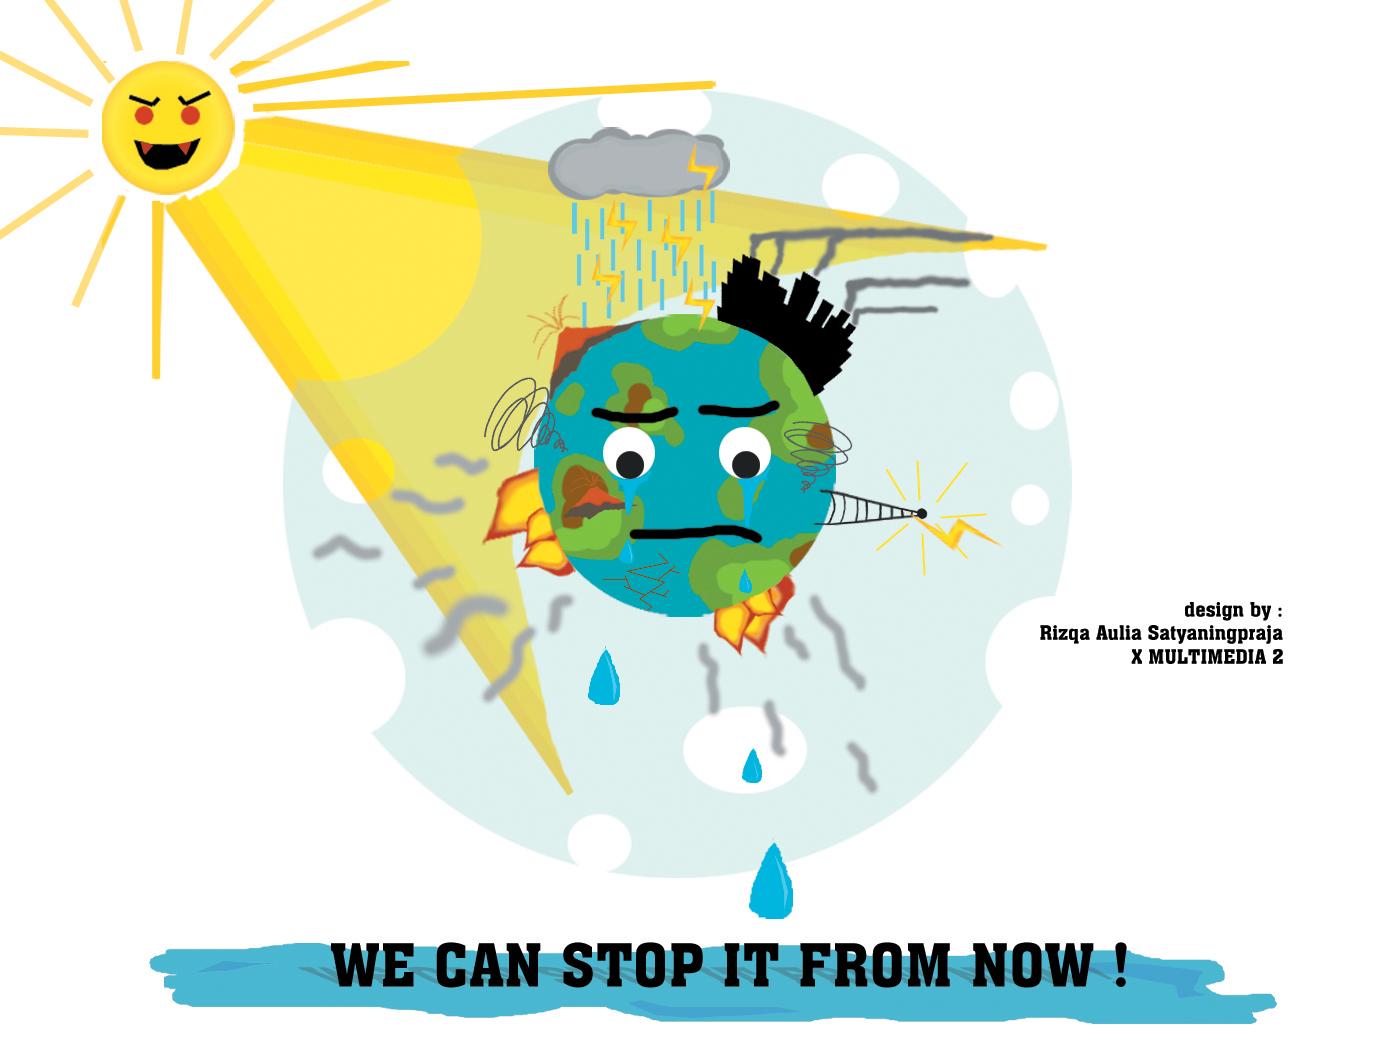 Contoh Karangan Tentang Lingkungan Hidup Kumpulan Puisi Tentang Lingkungan Hidup Terbaik 2014 Contoh Karangan Bahasa Inggris Tentang Lingkungan Hidup Forum